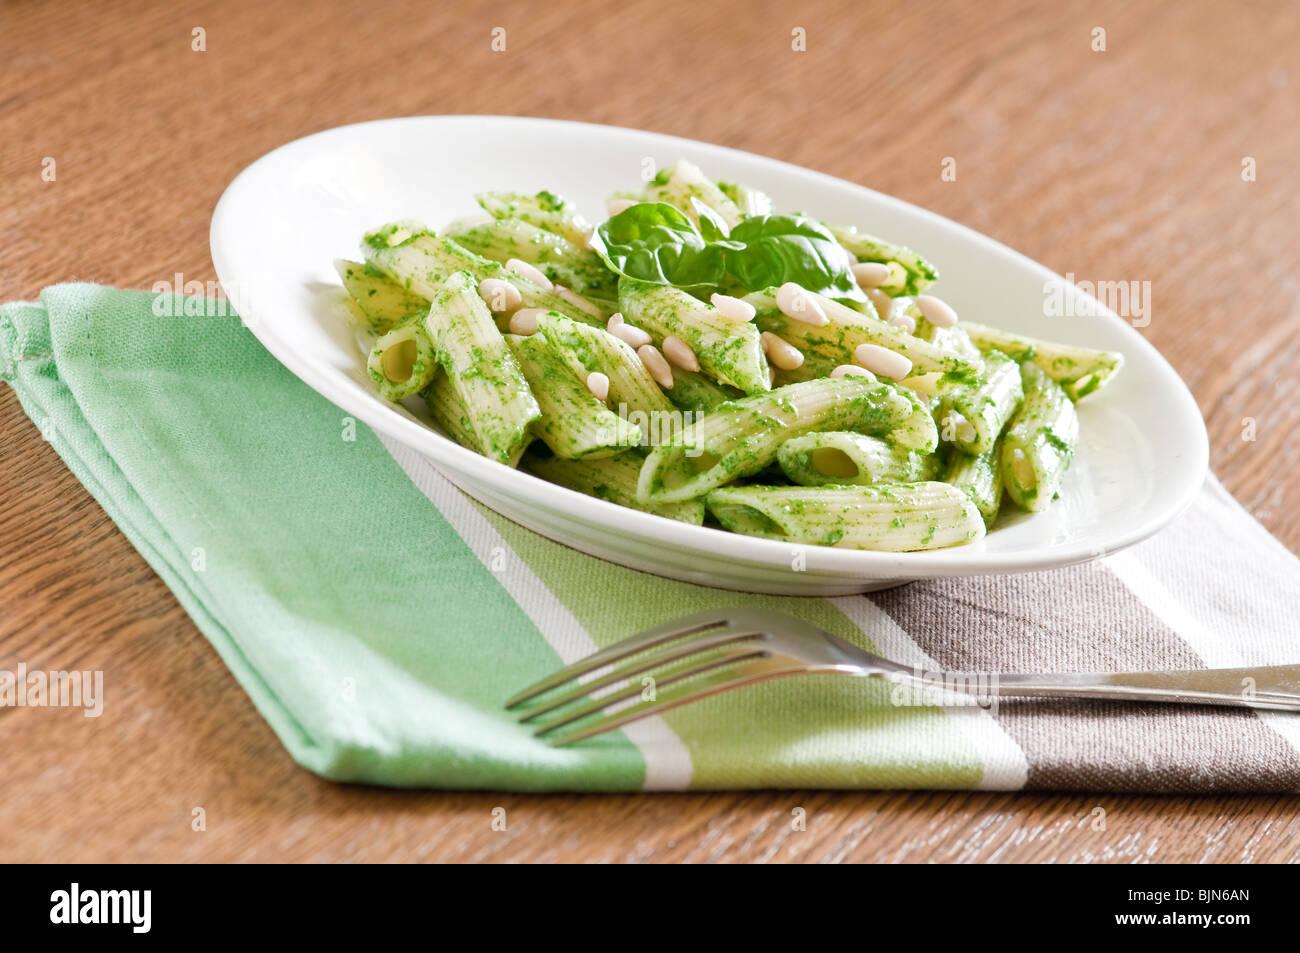 La pasta con la salsa pesto sulla tavola Immagini Stock